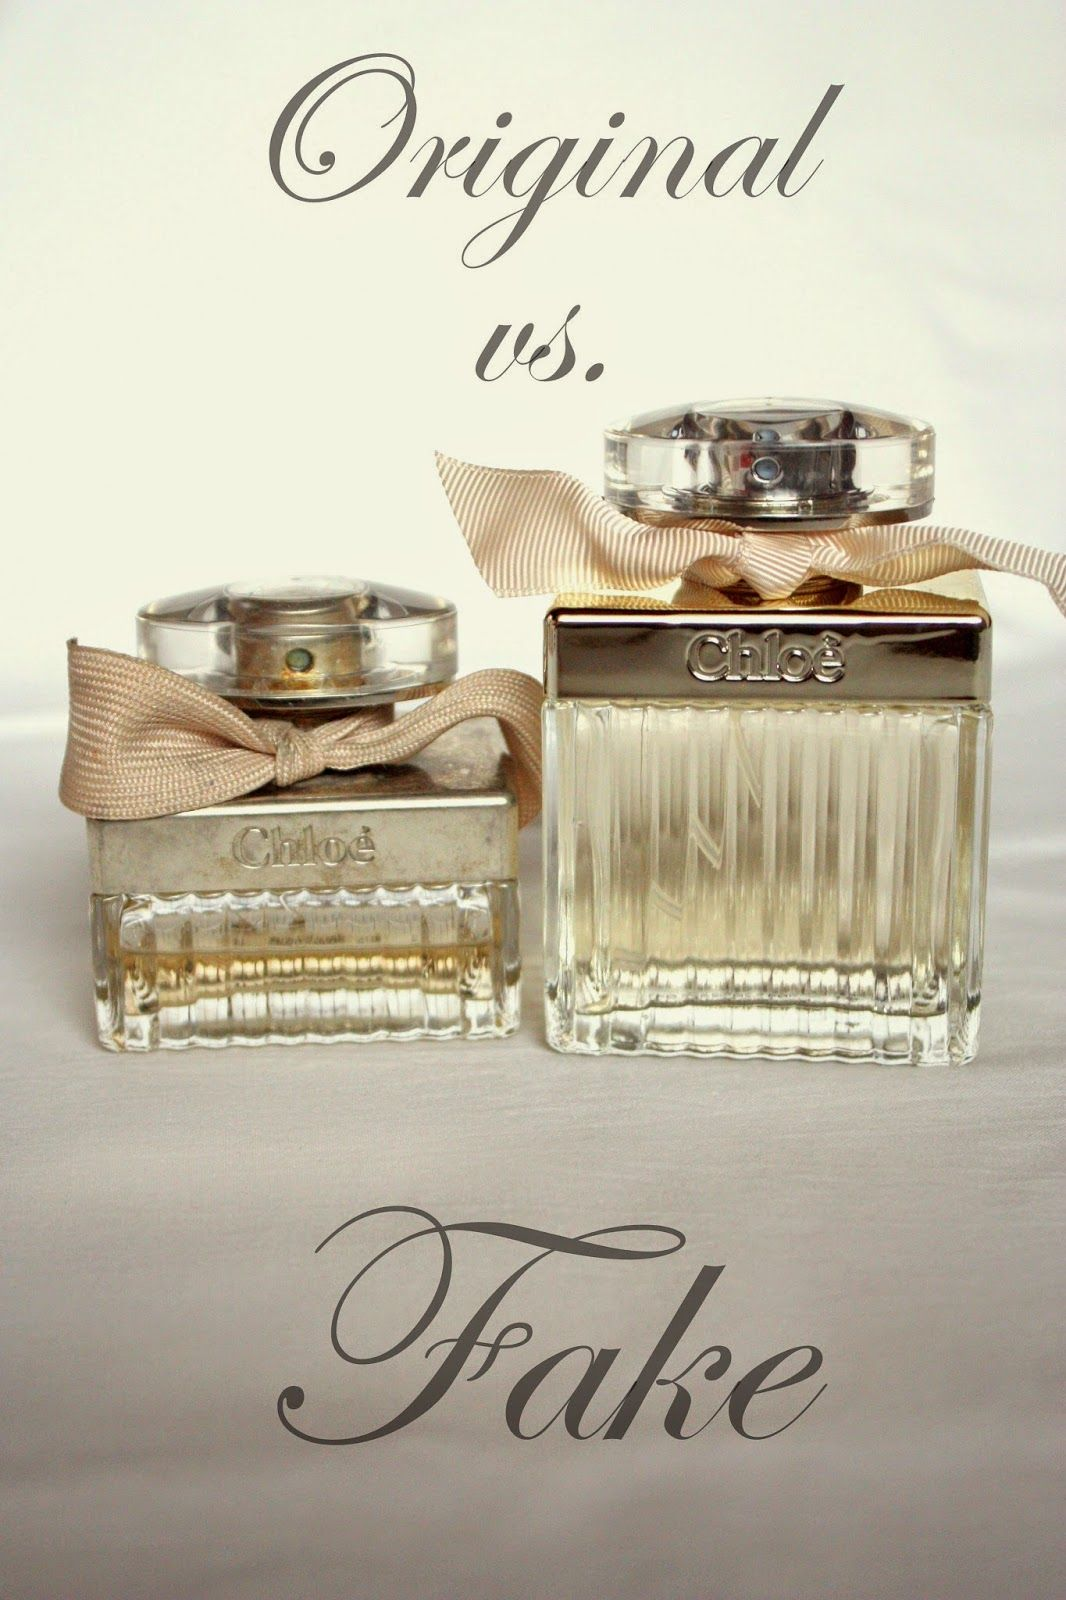 Original vs. Fake Chloe Perfume